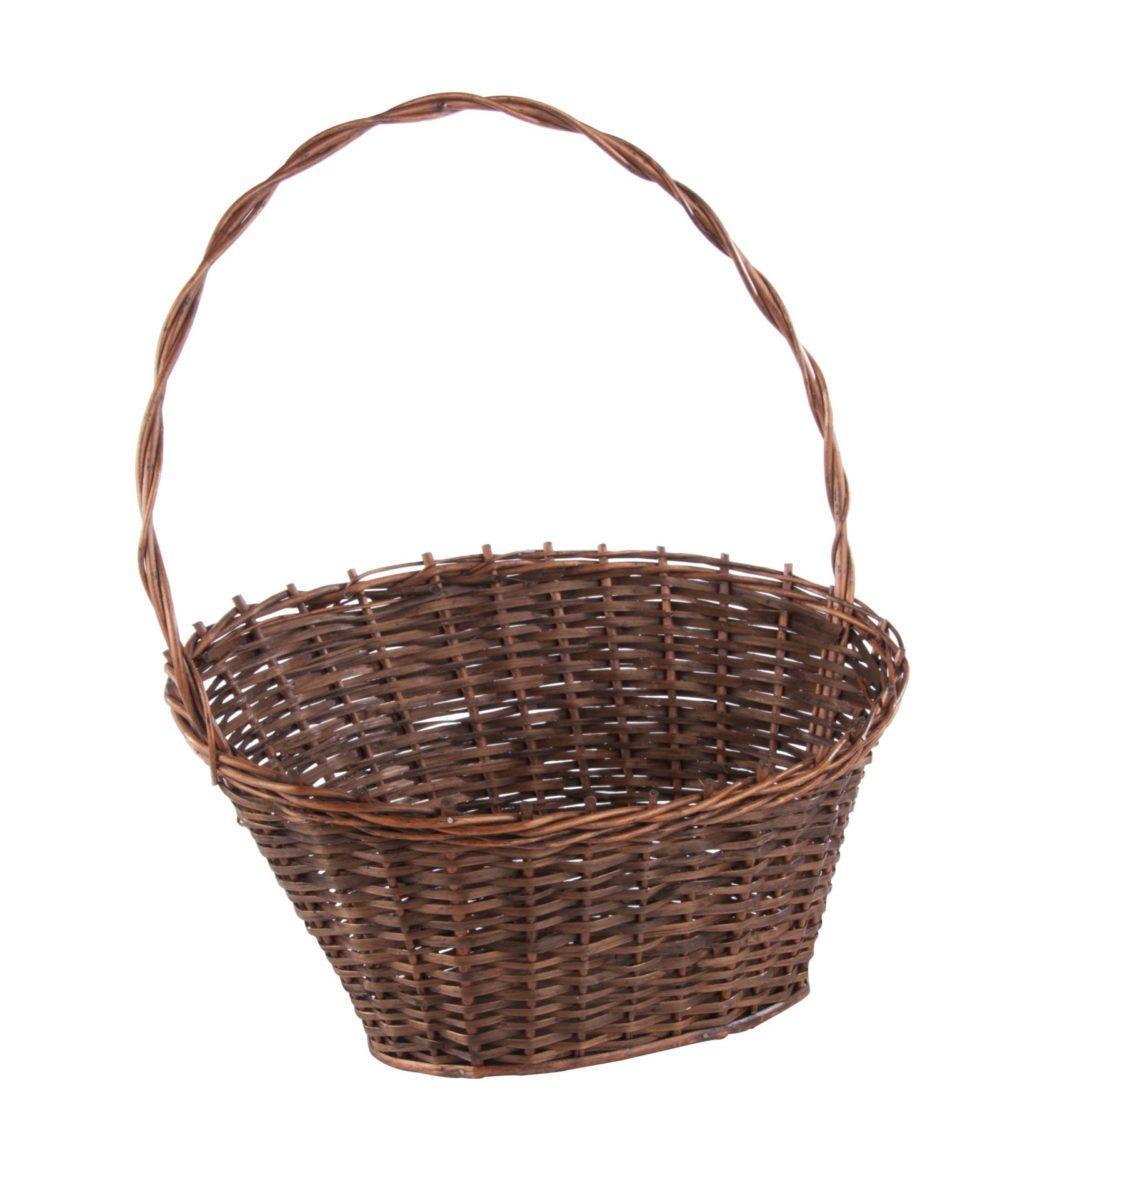 Geschenkskorb Weide / gift basket willow